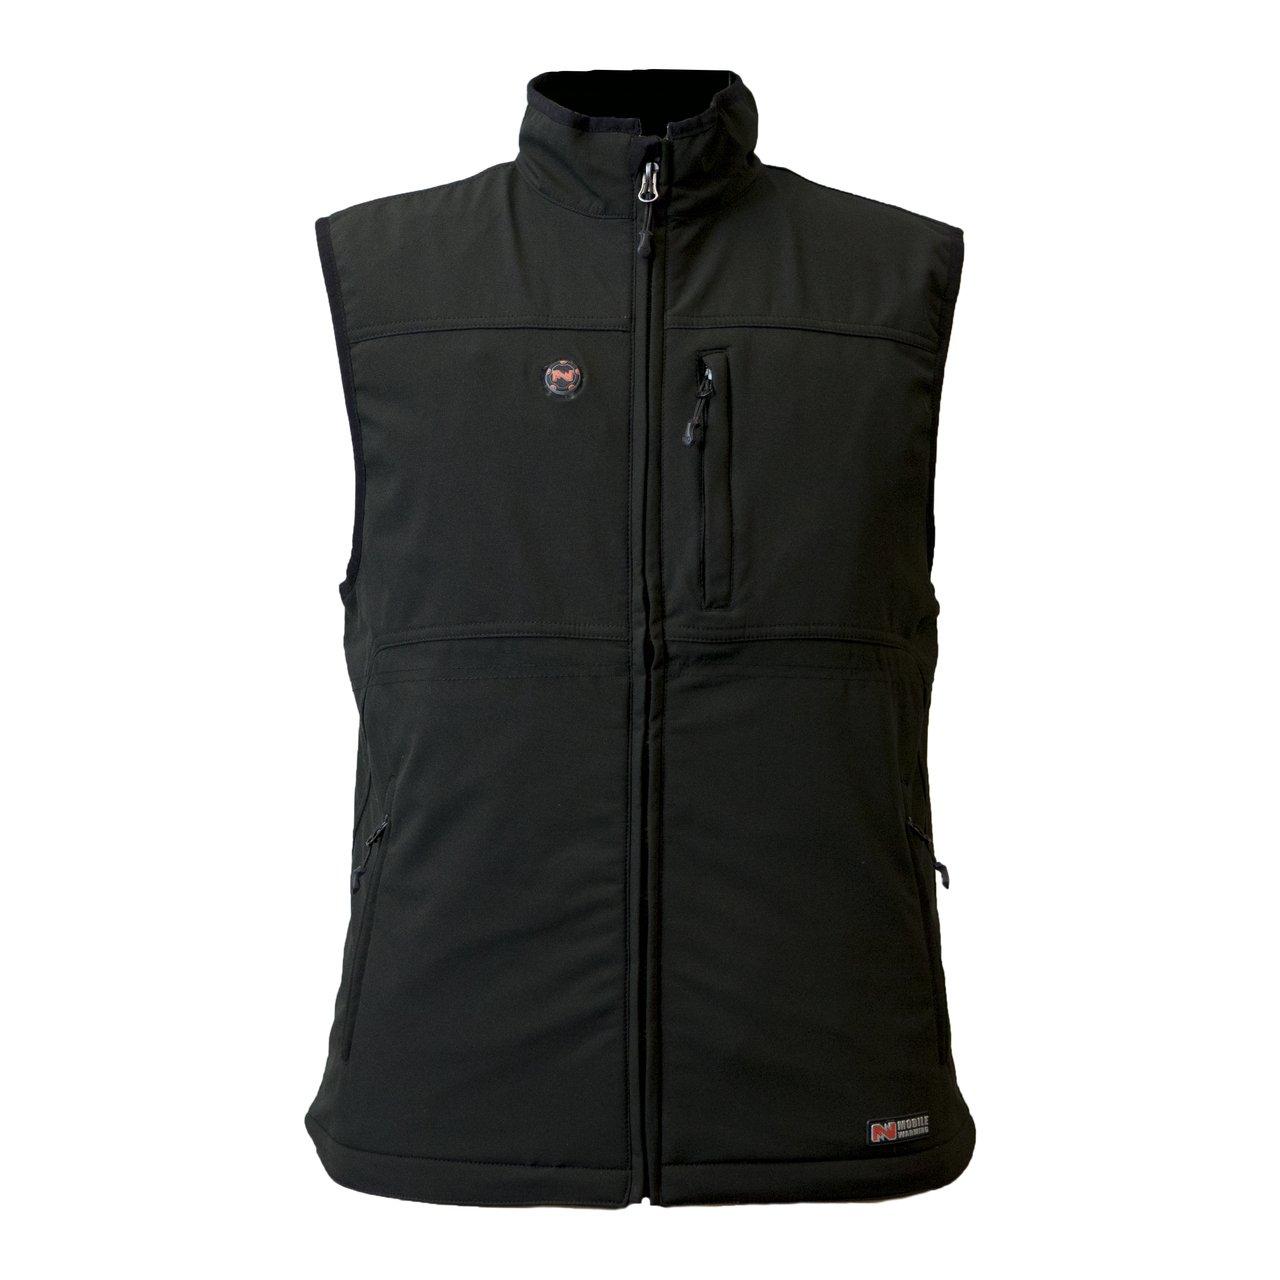 MOBILE WARMING Men's Vinson Vest with Touch Button Technology (Black, X-Large)